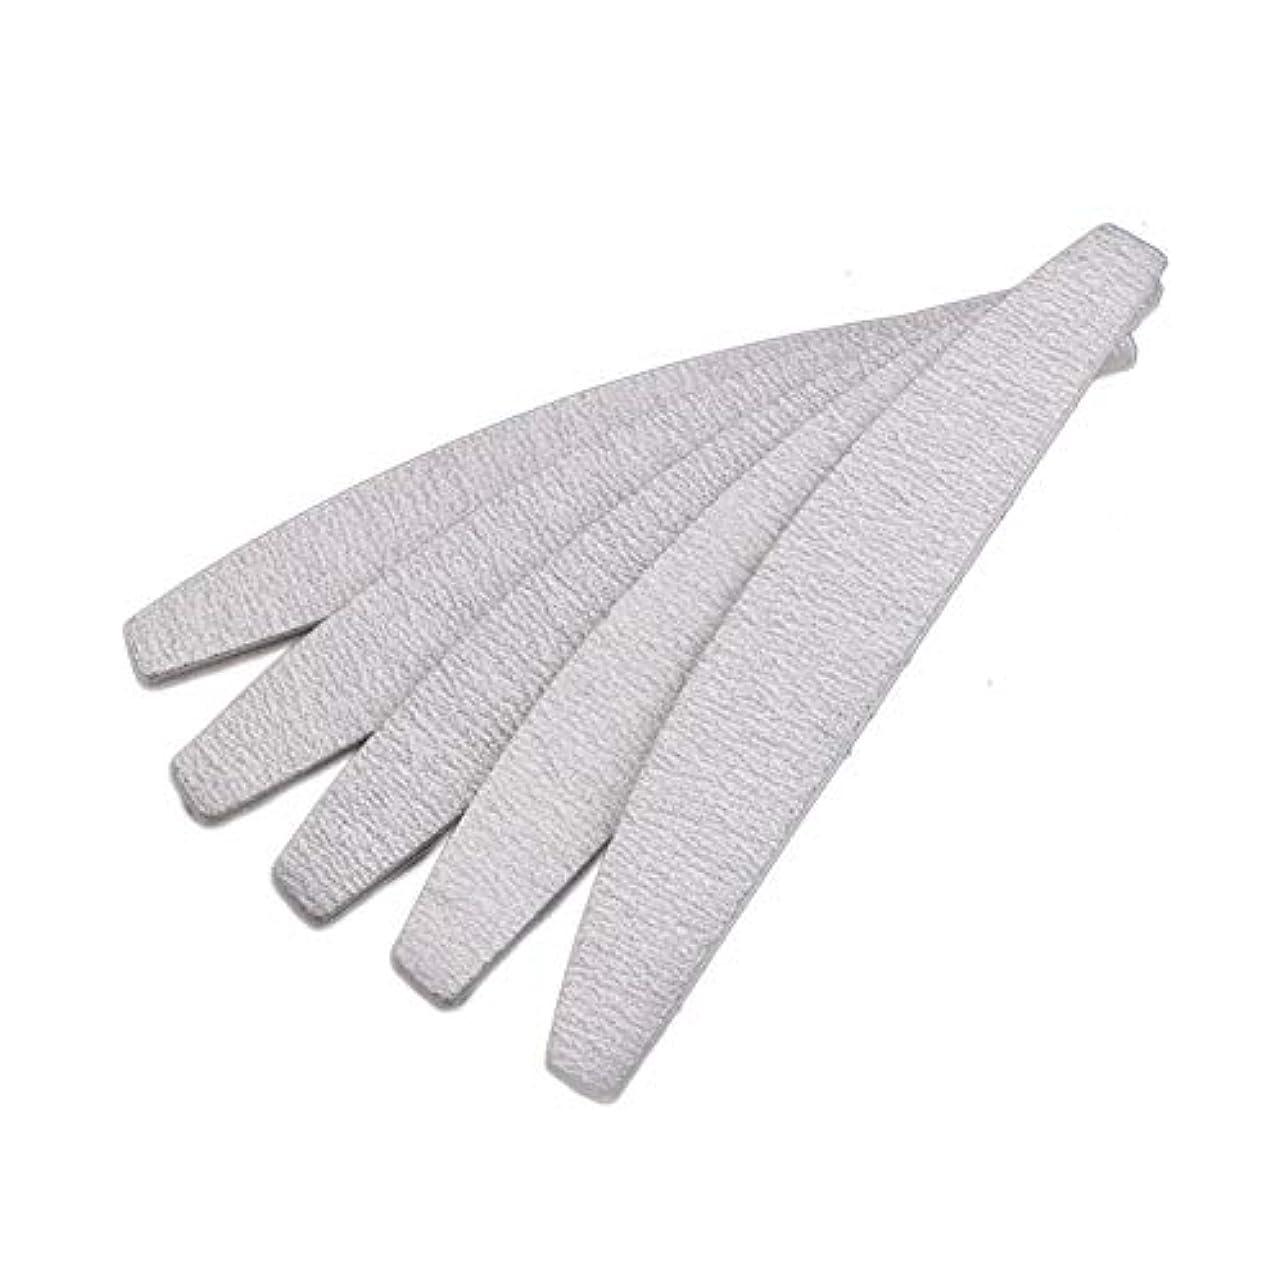 RETYLY 爪やすり ネイルファイル、D形、両面、灰白/オフホワイト、10個